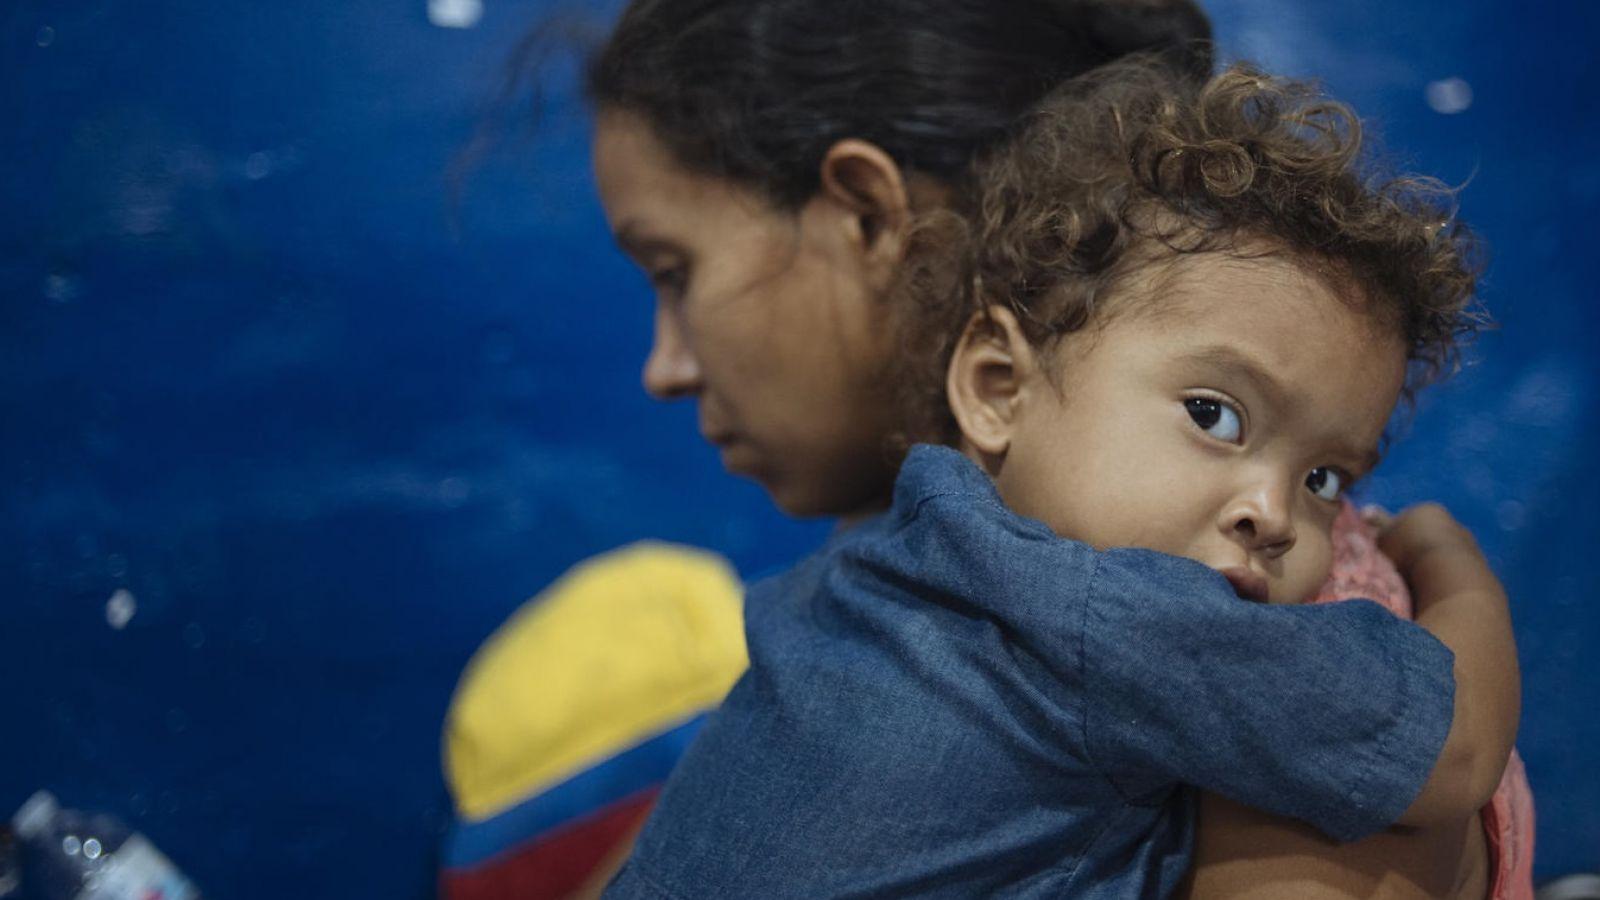 © UNICEF/UN0304104/Arcos